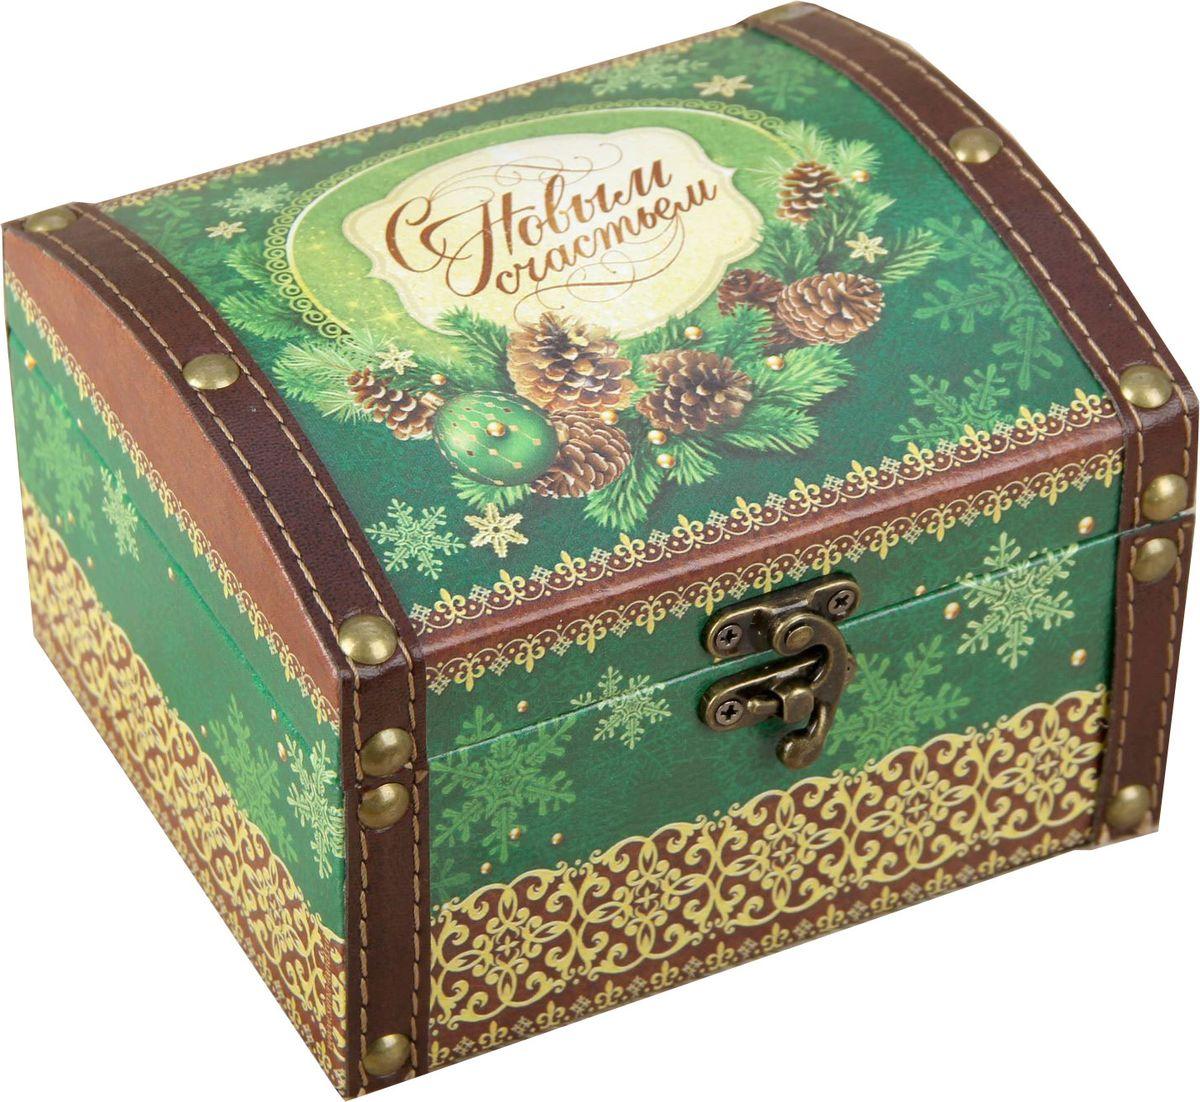 Шкатулка Sima-land С новым счастьем, цвет: зеленый, 15 х 10 х 13 см1965028Шкатулка — это небольшой сувенир, а также оригинальная упаковка подарка. Она дополнит интерьер спальни, гостиной или прихожей. Шкатулка выполнена из дерева в виде сундучка. Изделие предназначено для хранения украшений: колец, браслетов, часов, цепочек, колье, сережек и прочих предметов.